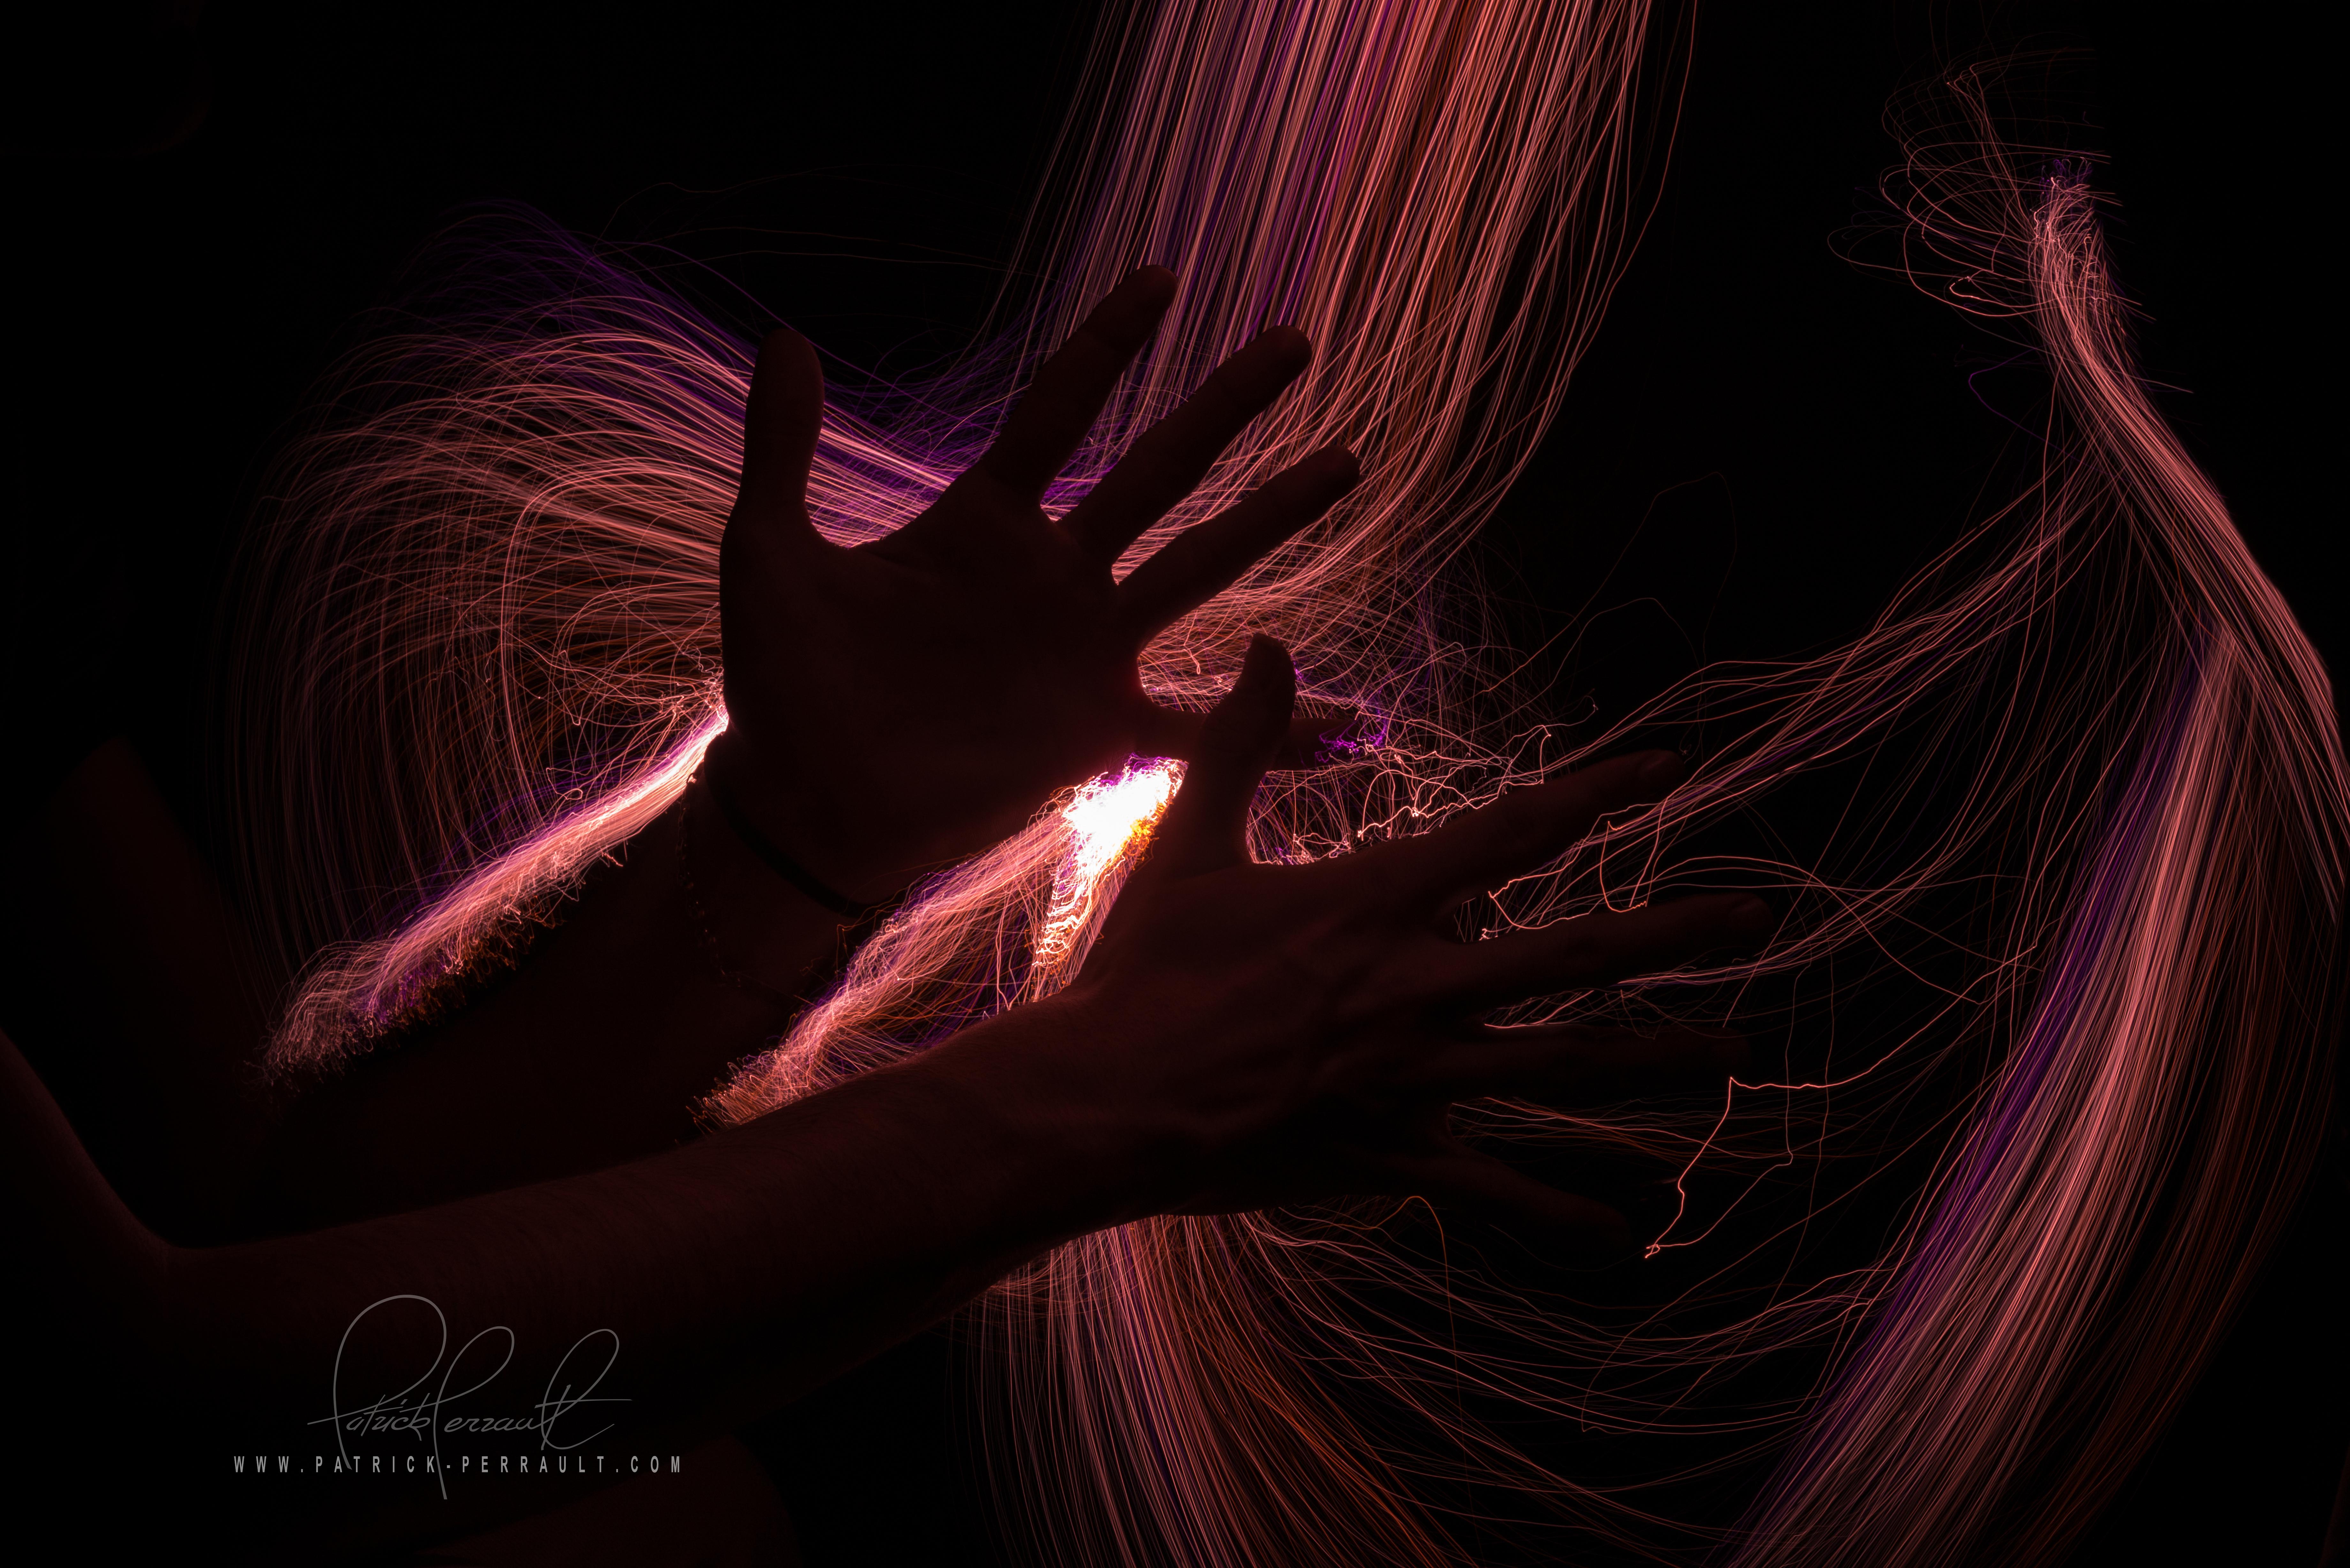 HAND LIGHT PAINTING